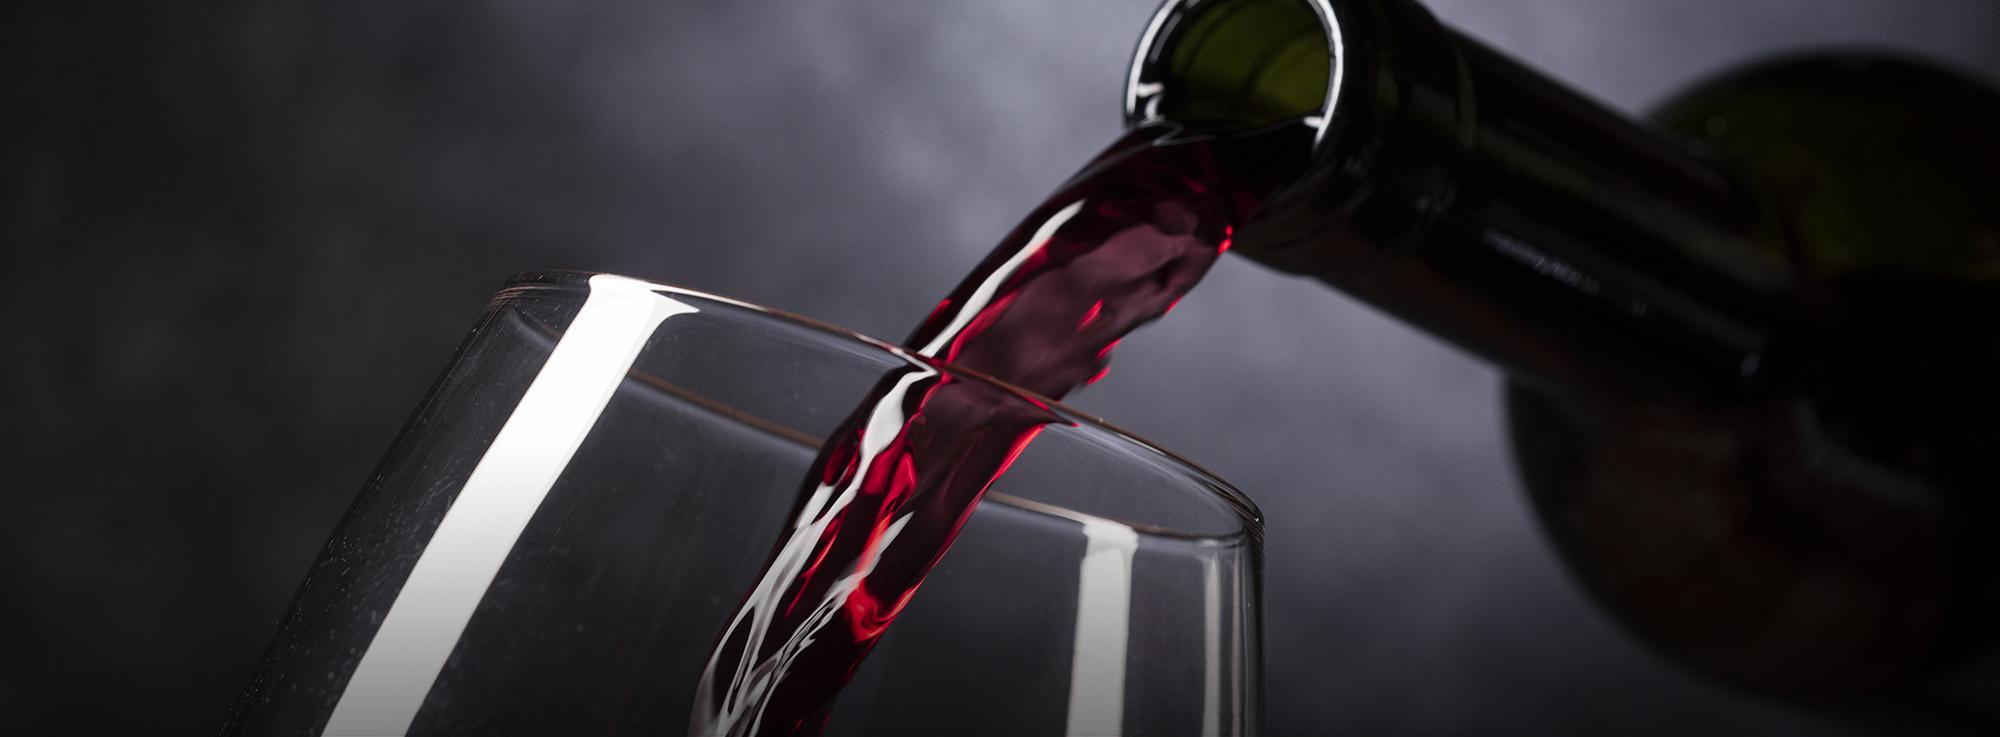 Oria: Di_Vino in vino 2.0